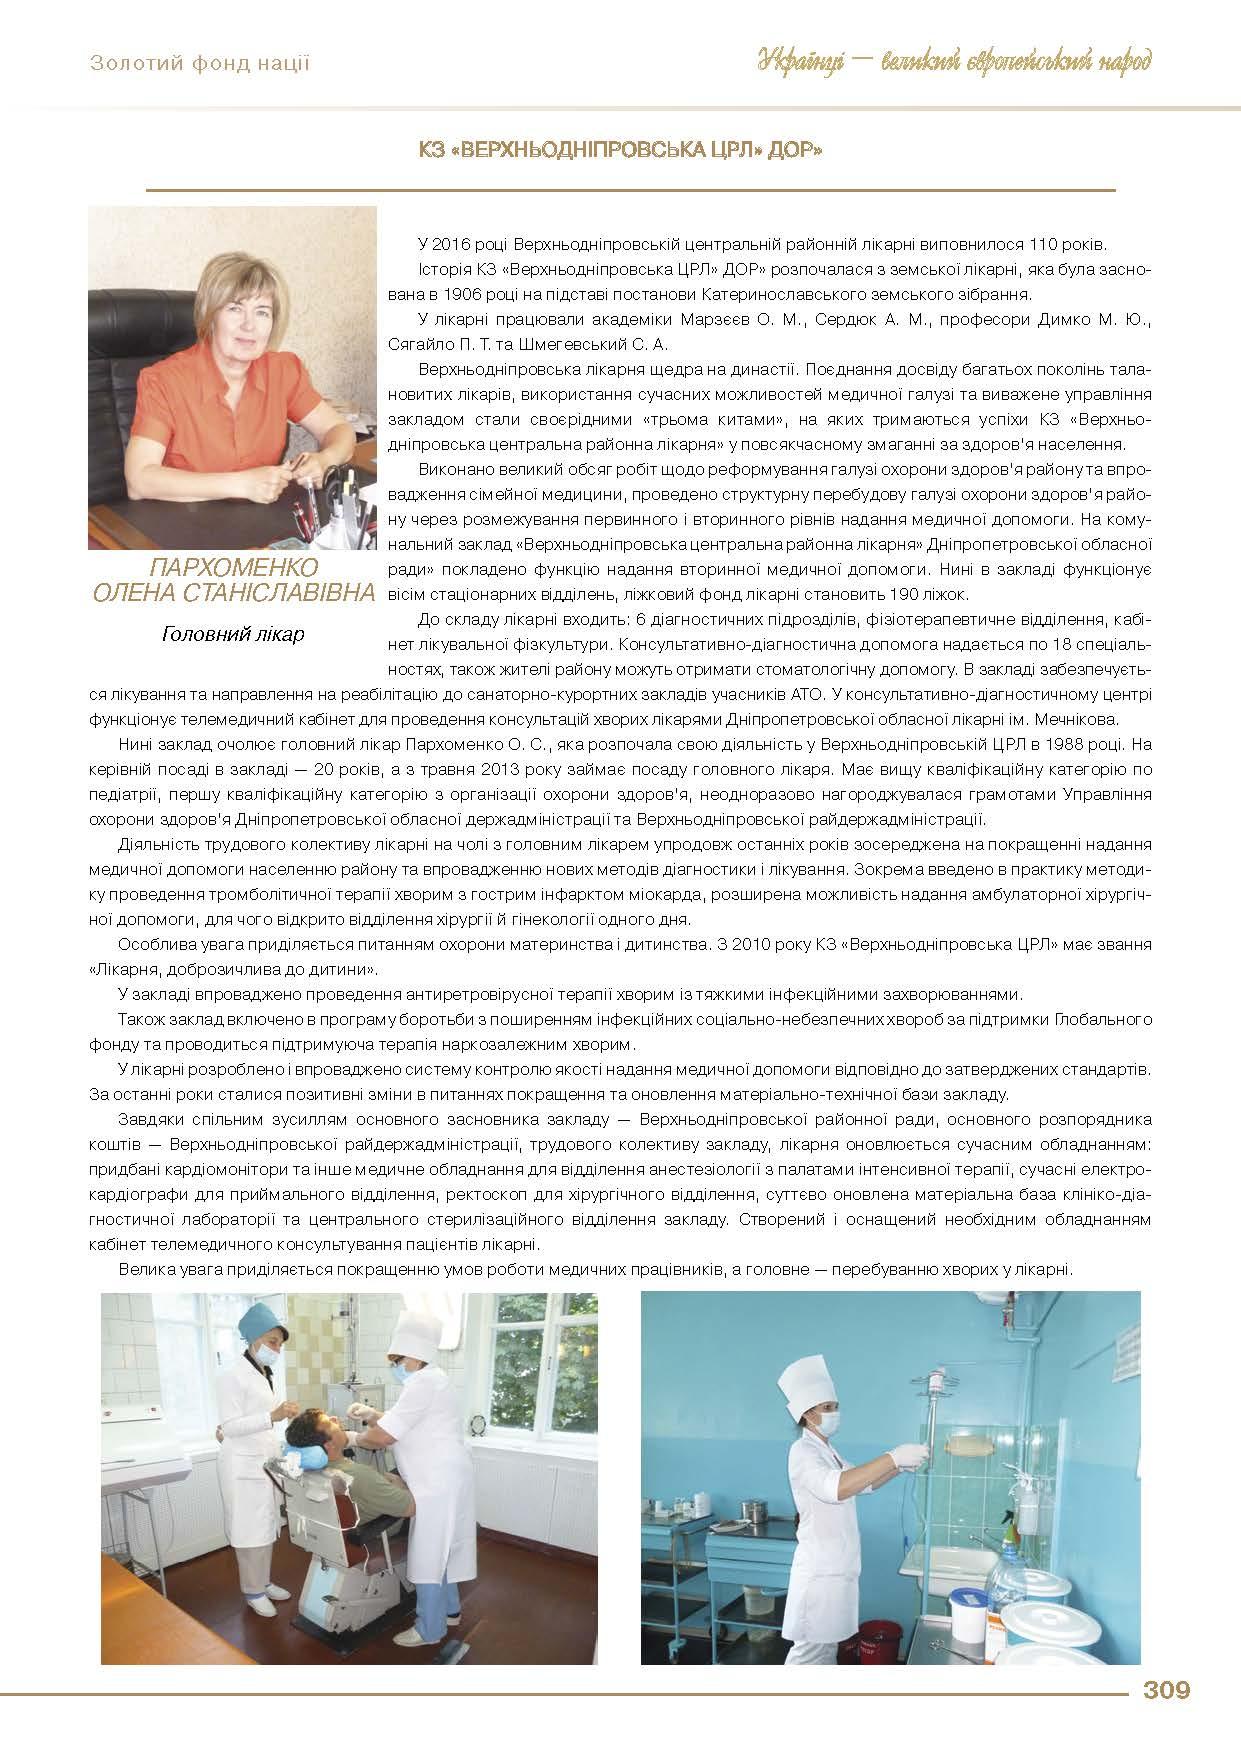 КЗ «Верхньодніпровська ЦРЛ» ДОР» - Пархоменко Олена Станіславівна